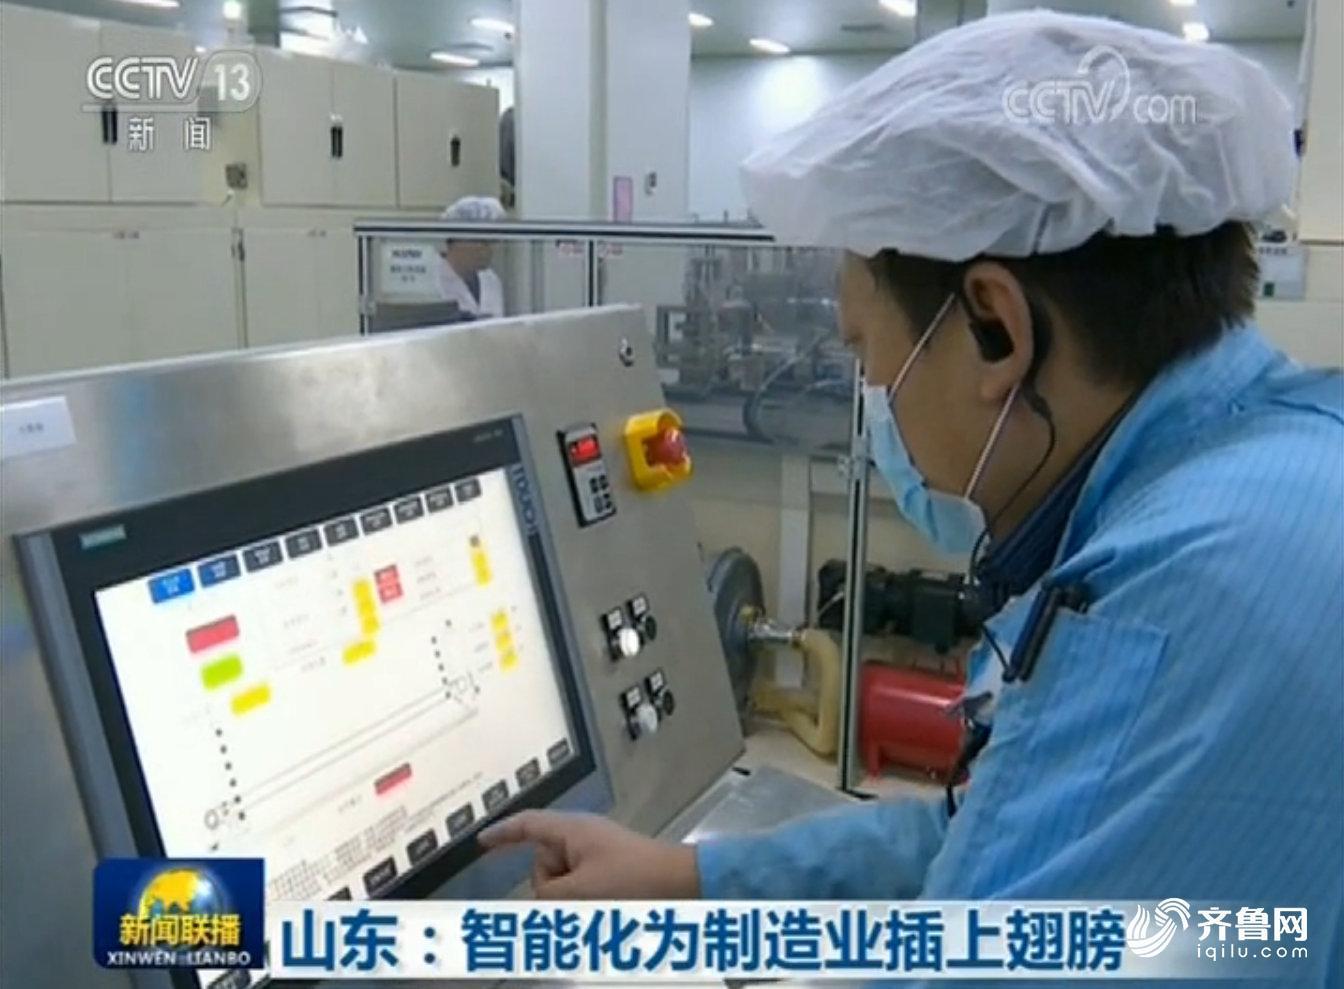 央视新闻联播聚焦山东智能制造:智能化为制造业插上翅膀